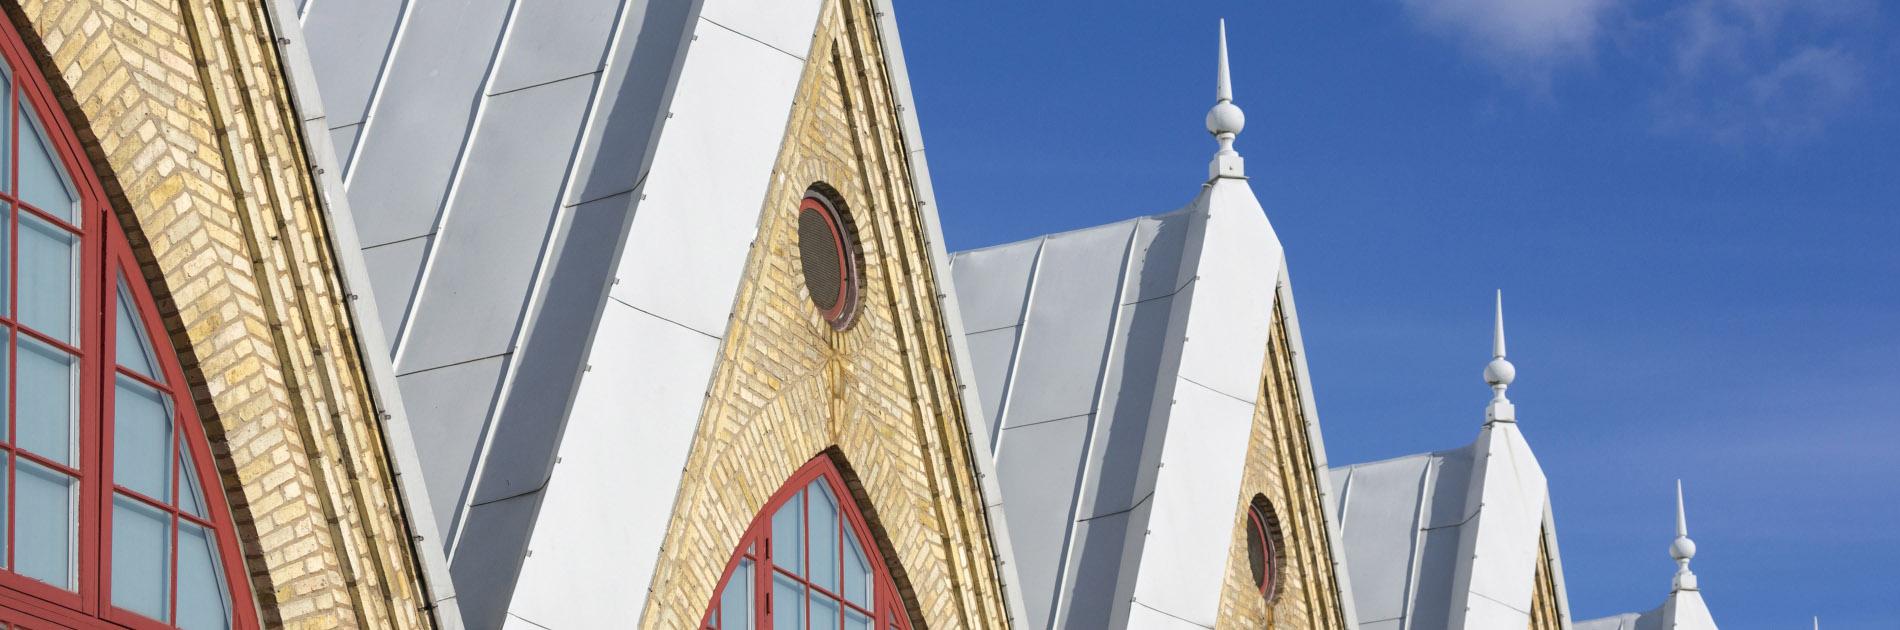 Feskekôrkas gula tegelfasad, röda fönster och spetsiga tak.